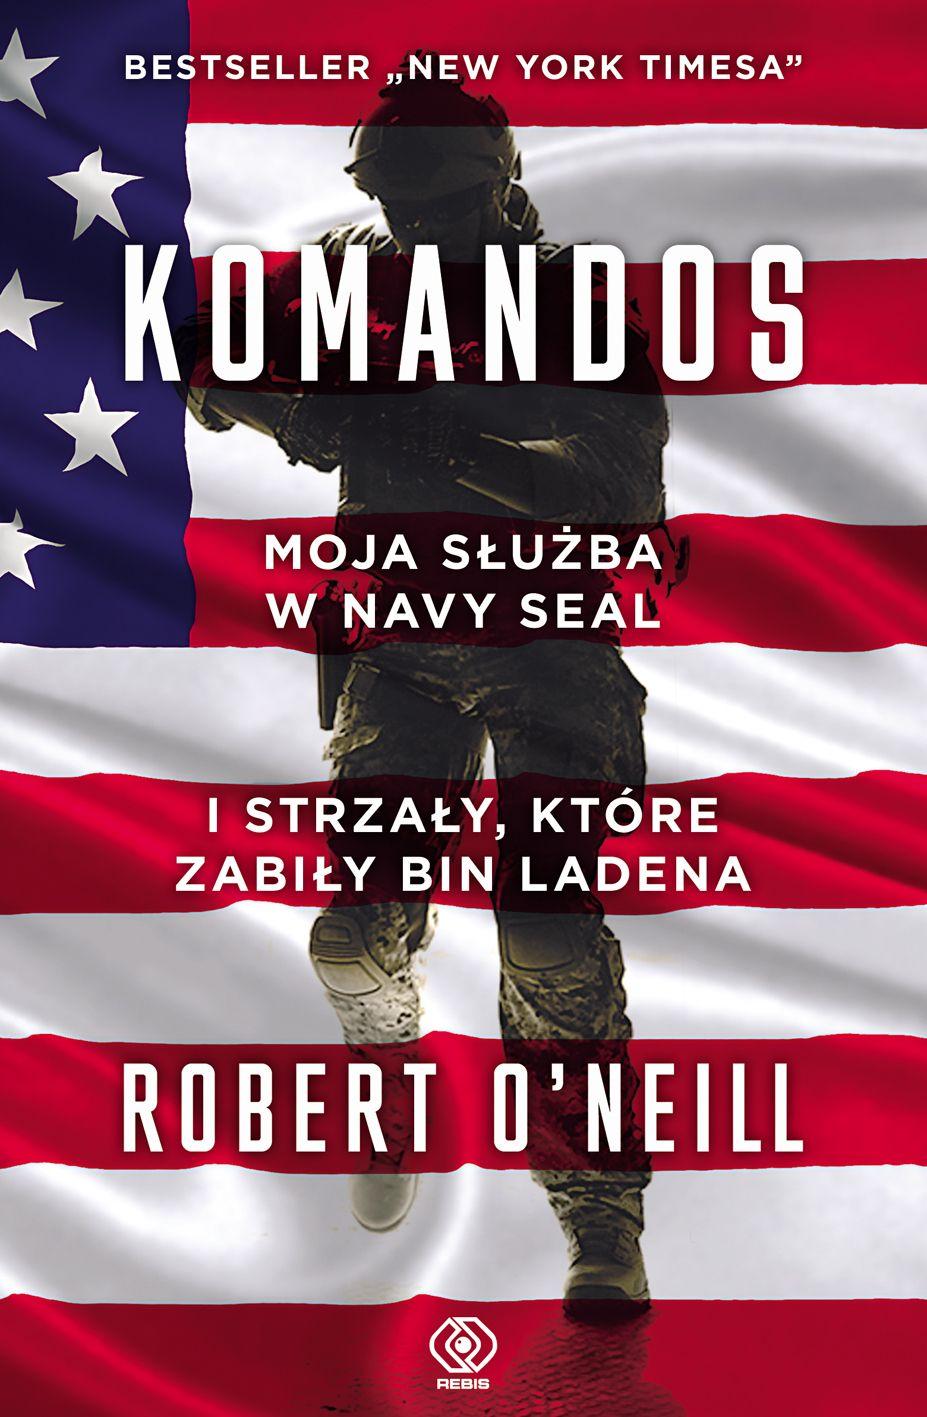 """Kup książkę """"Komandos. Moja służba w Navy SEAL i strzały, które zabiły bin Ladena"""" z rabatem na empik.com"""